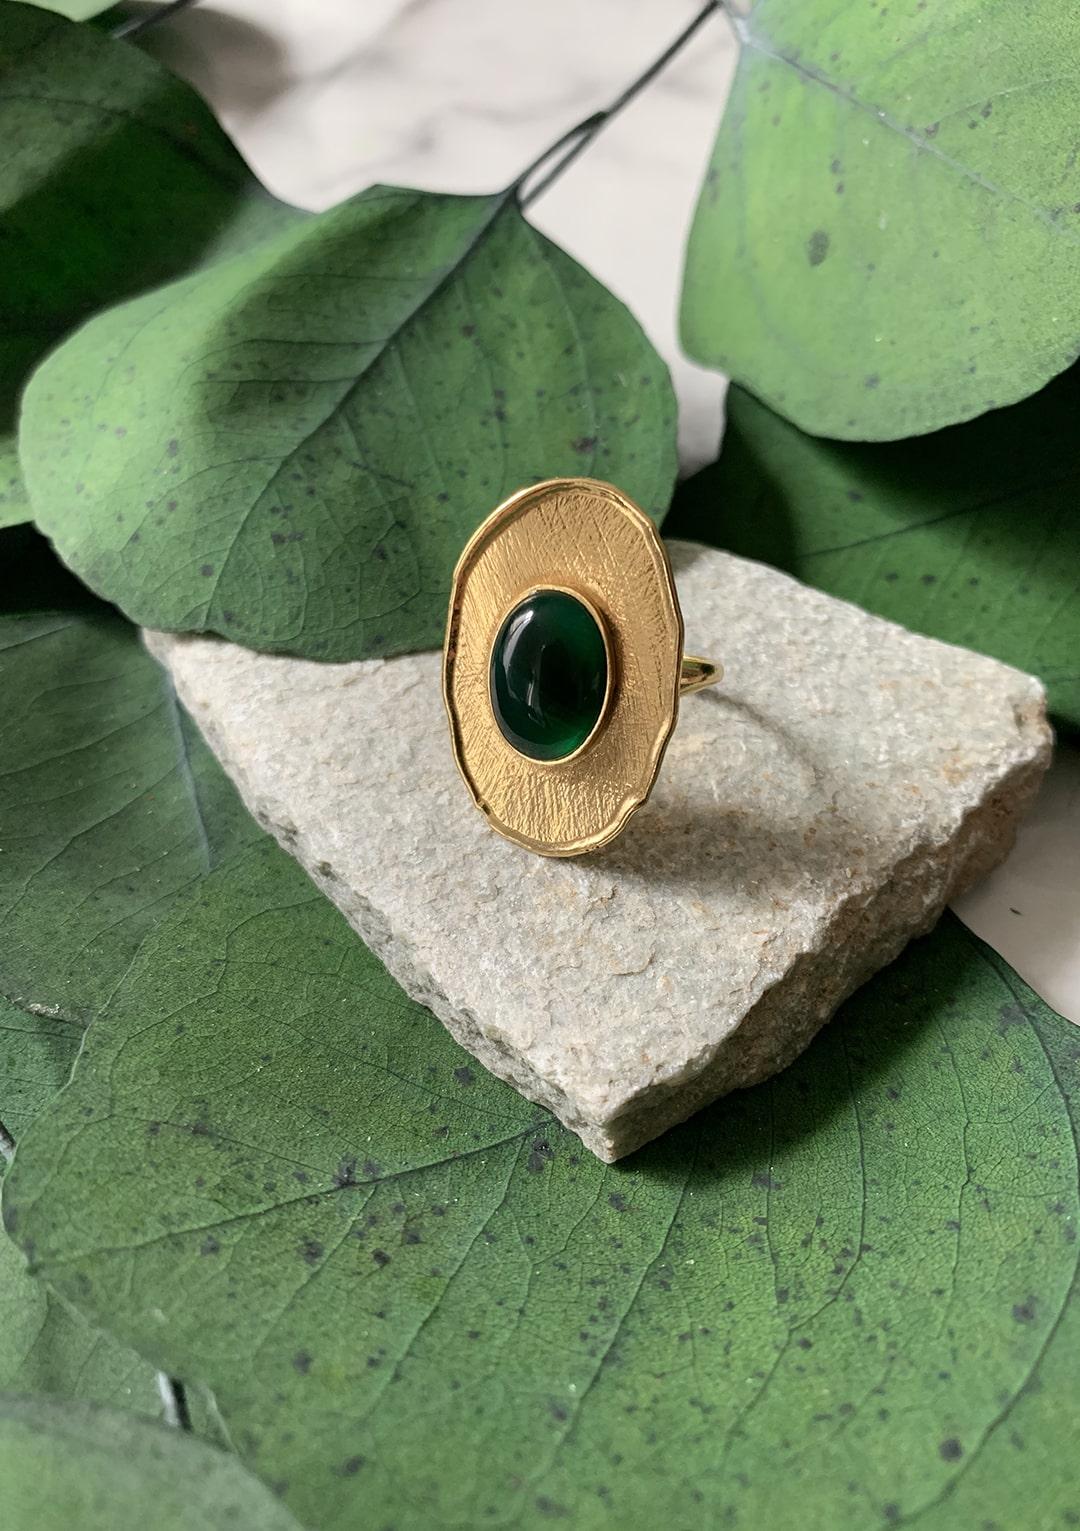 Bague réglable I cabochon de jade vert emeraude I argent massif doré à l'or 18 carats I Elliade Paris I vue principal I Label AÉ Paris